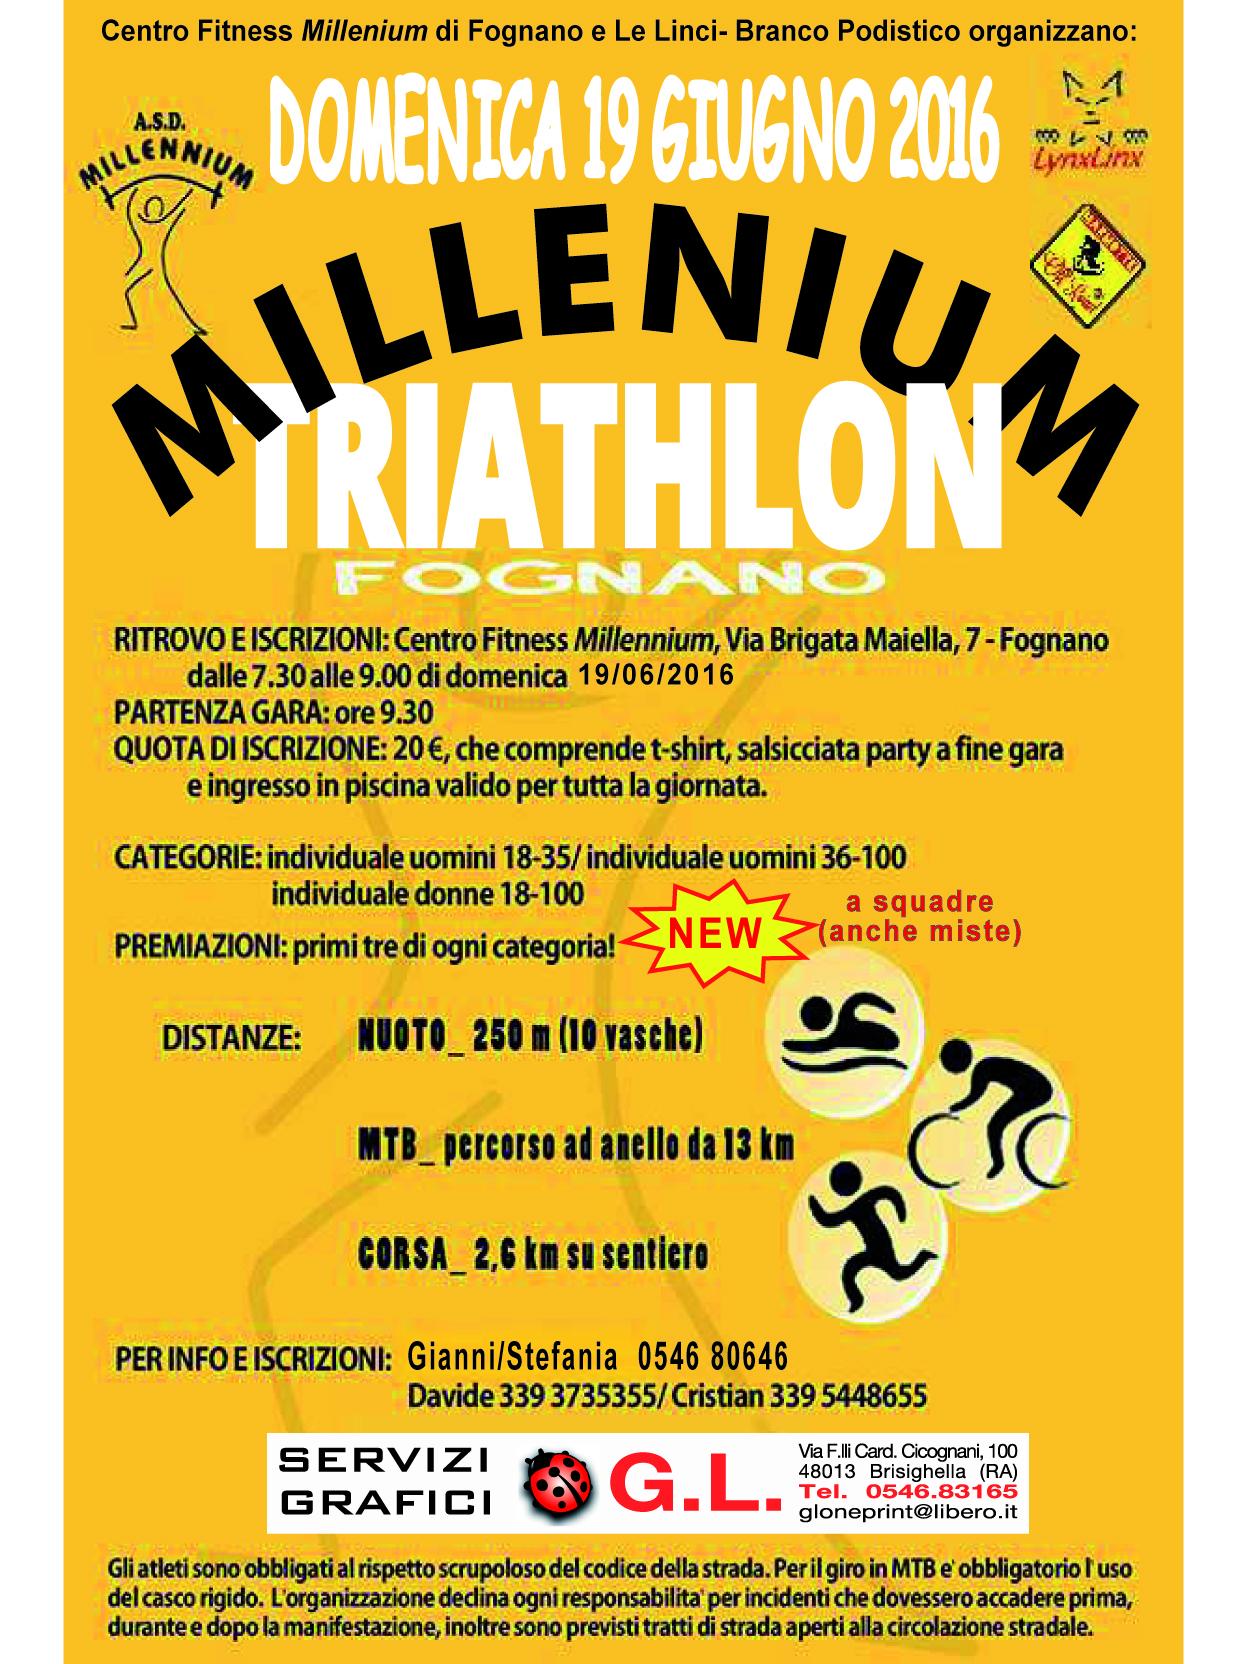 [Triathlon MTB] 19/06/16 - Millenium Triathlon Fognano - Fognano di Brisighella (RA) Millenium-locandina